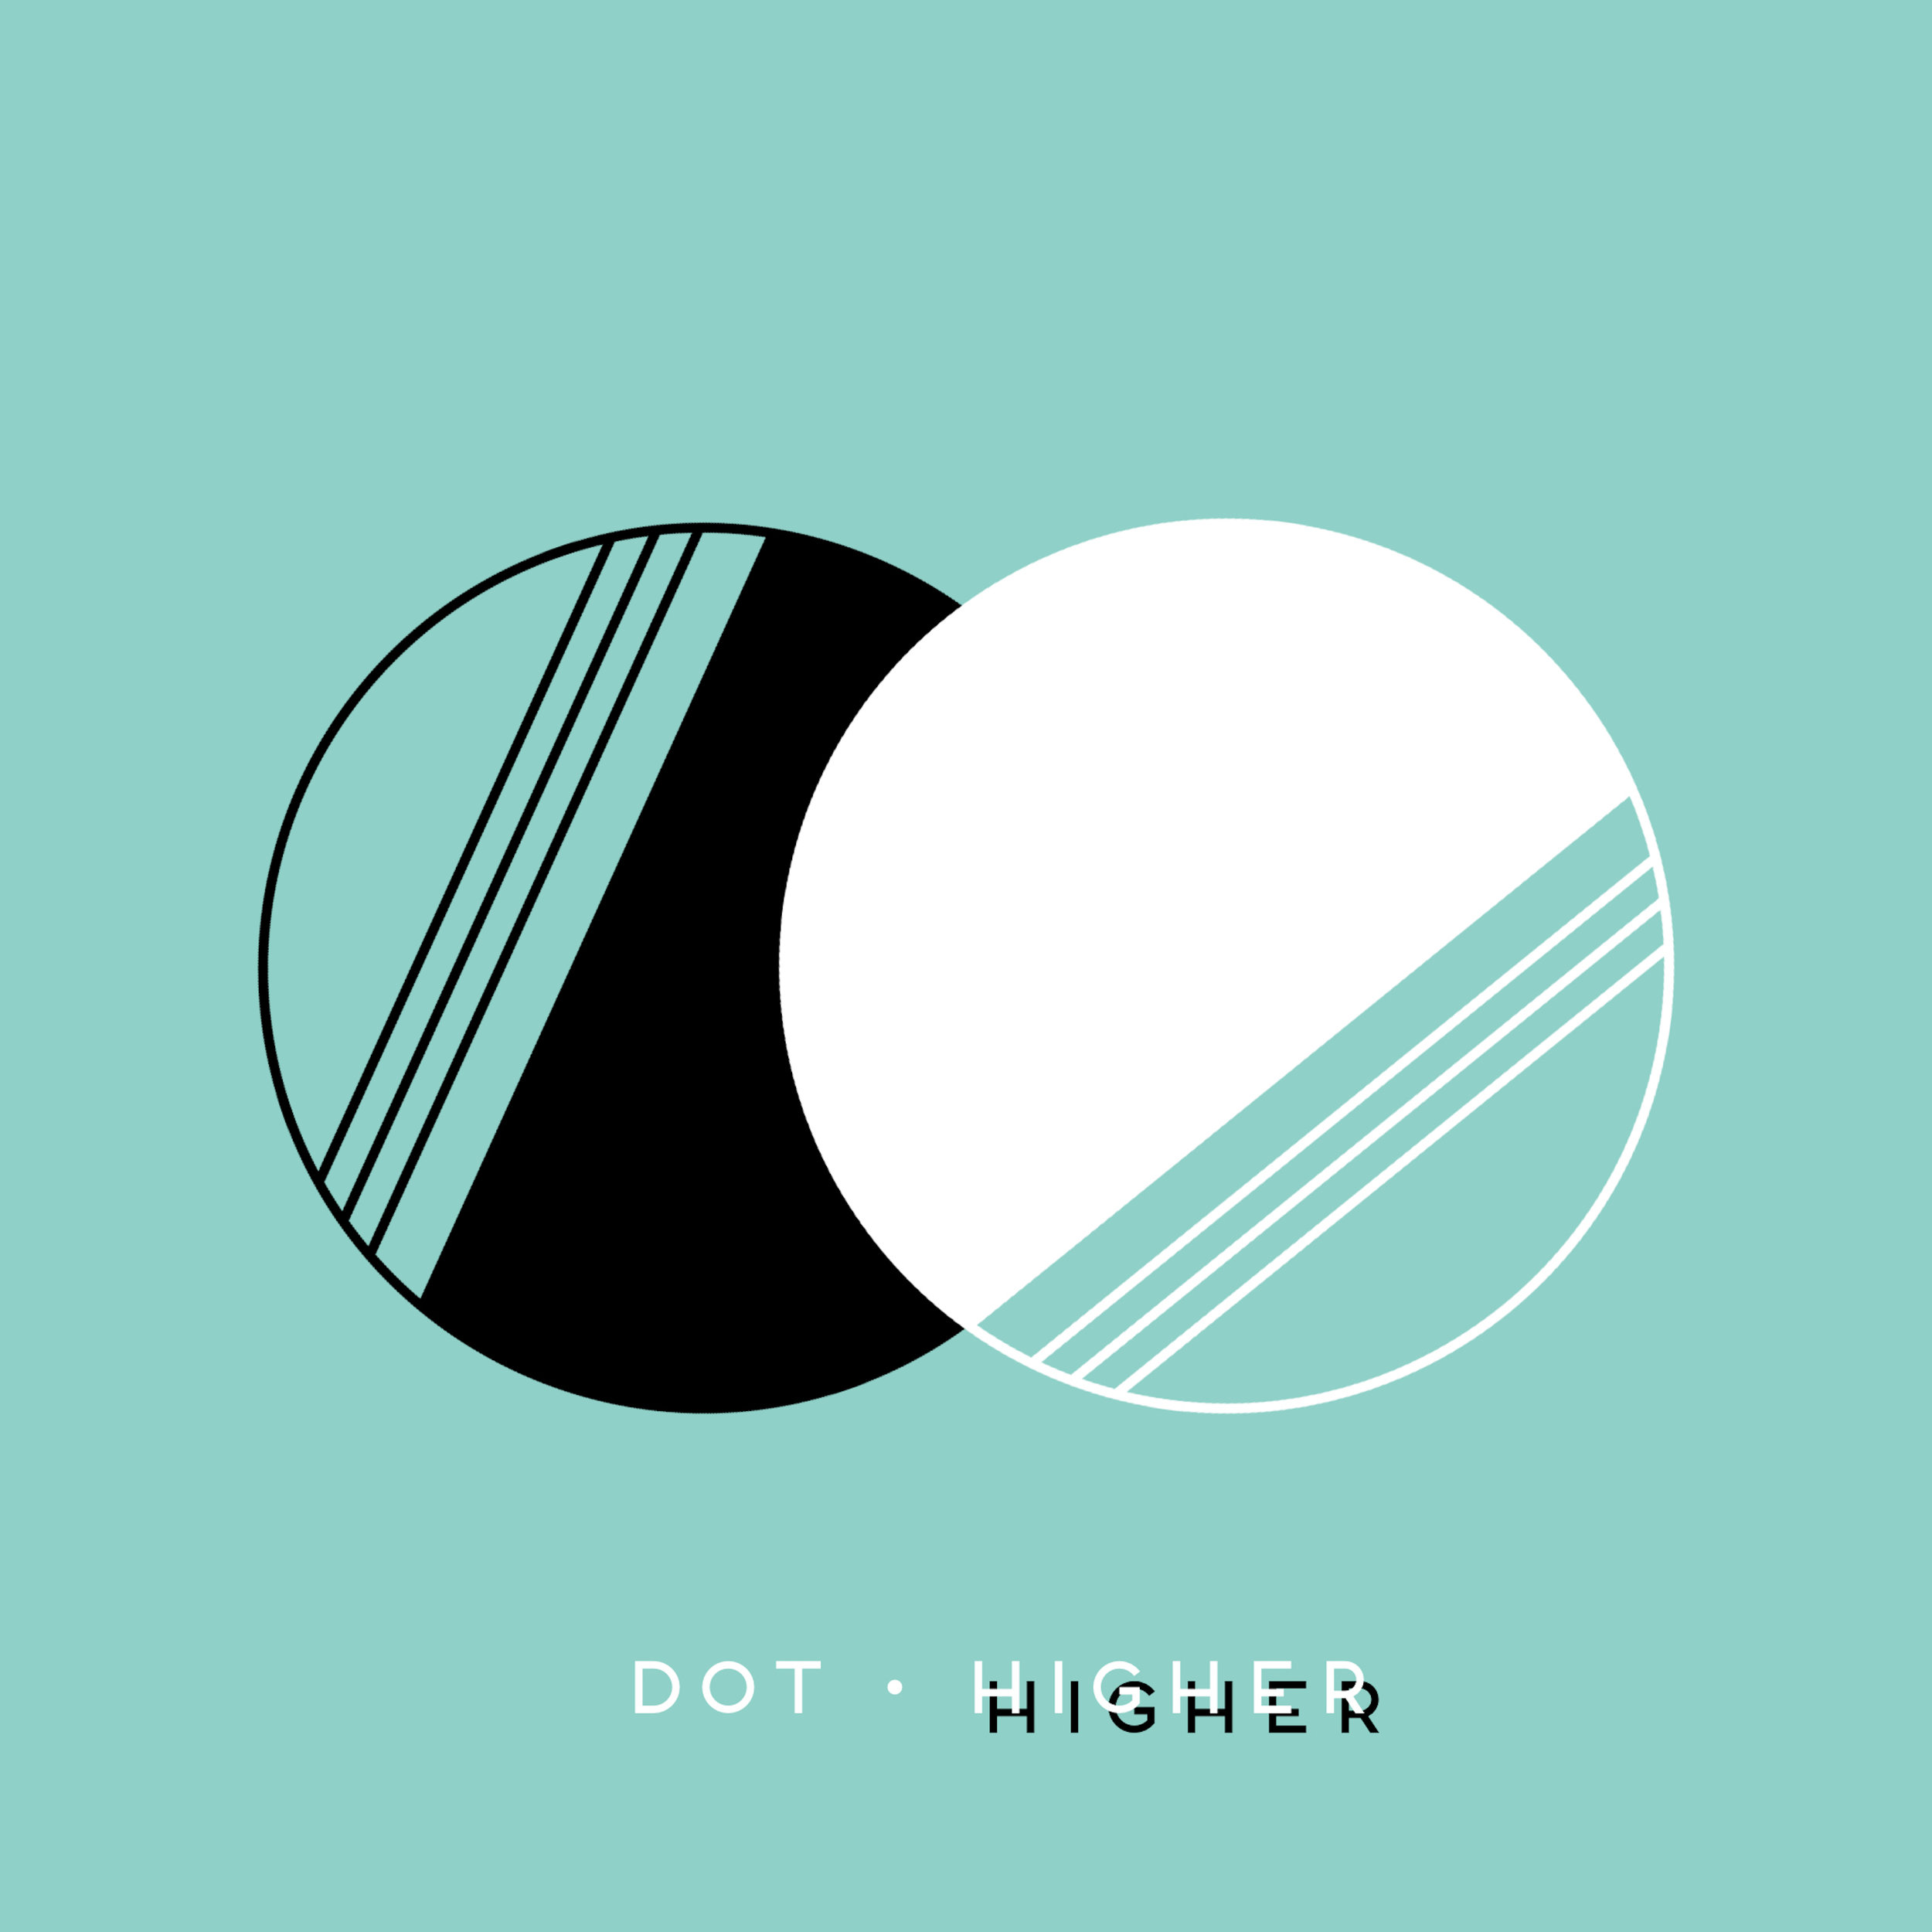 Dot - Higher Higher ARTWORK.jpg